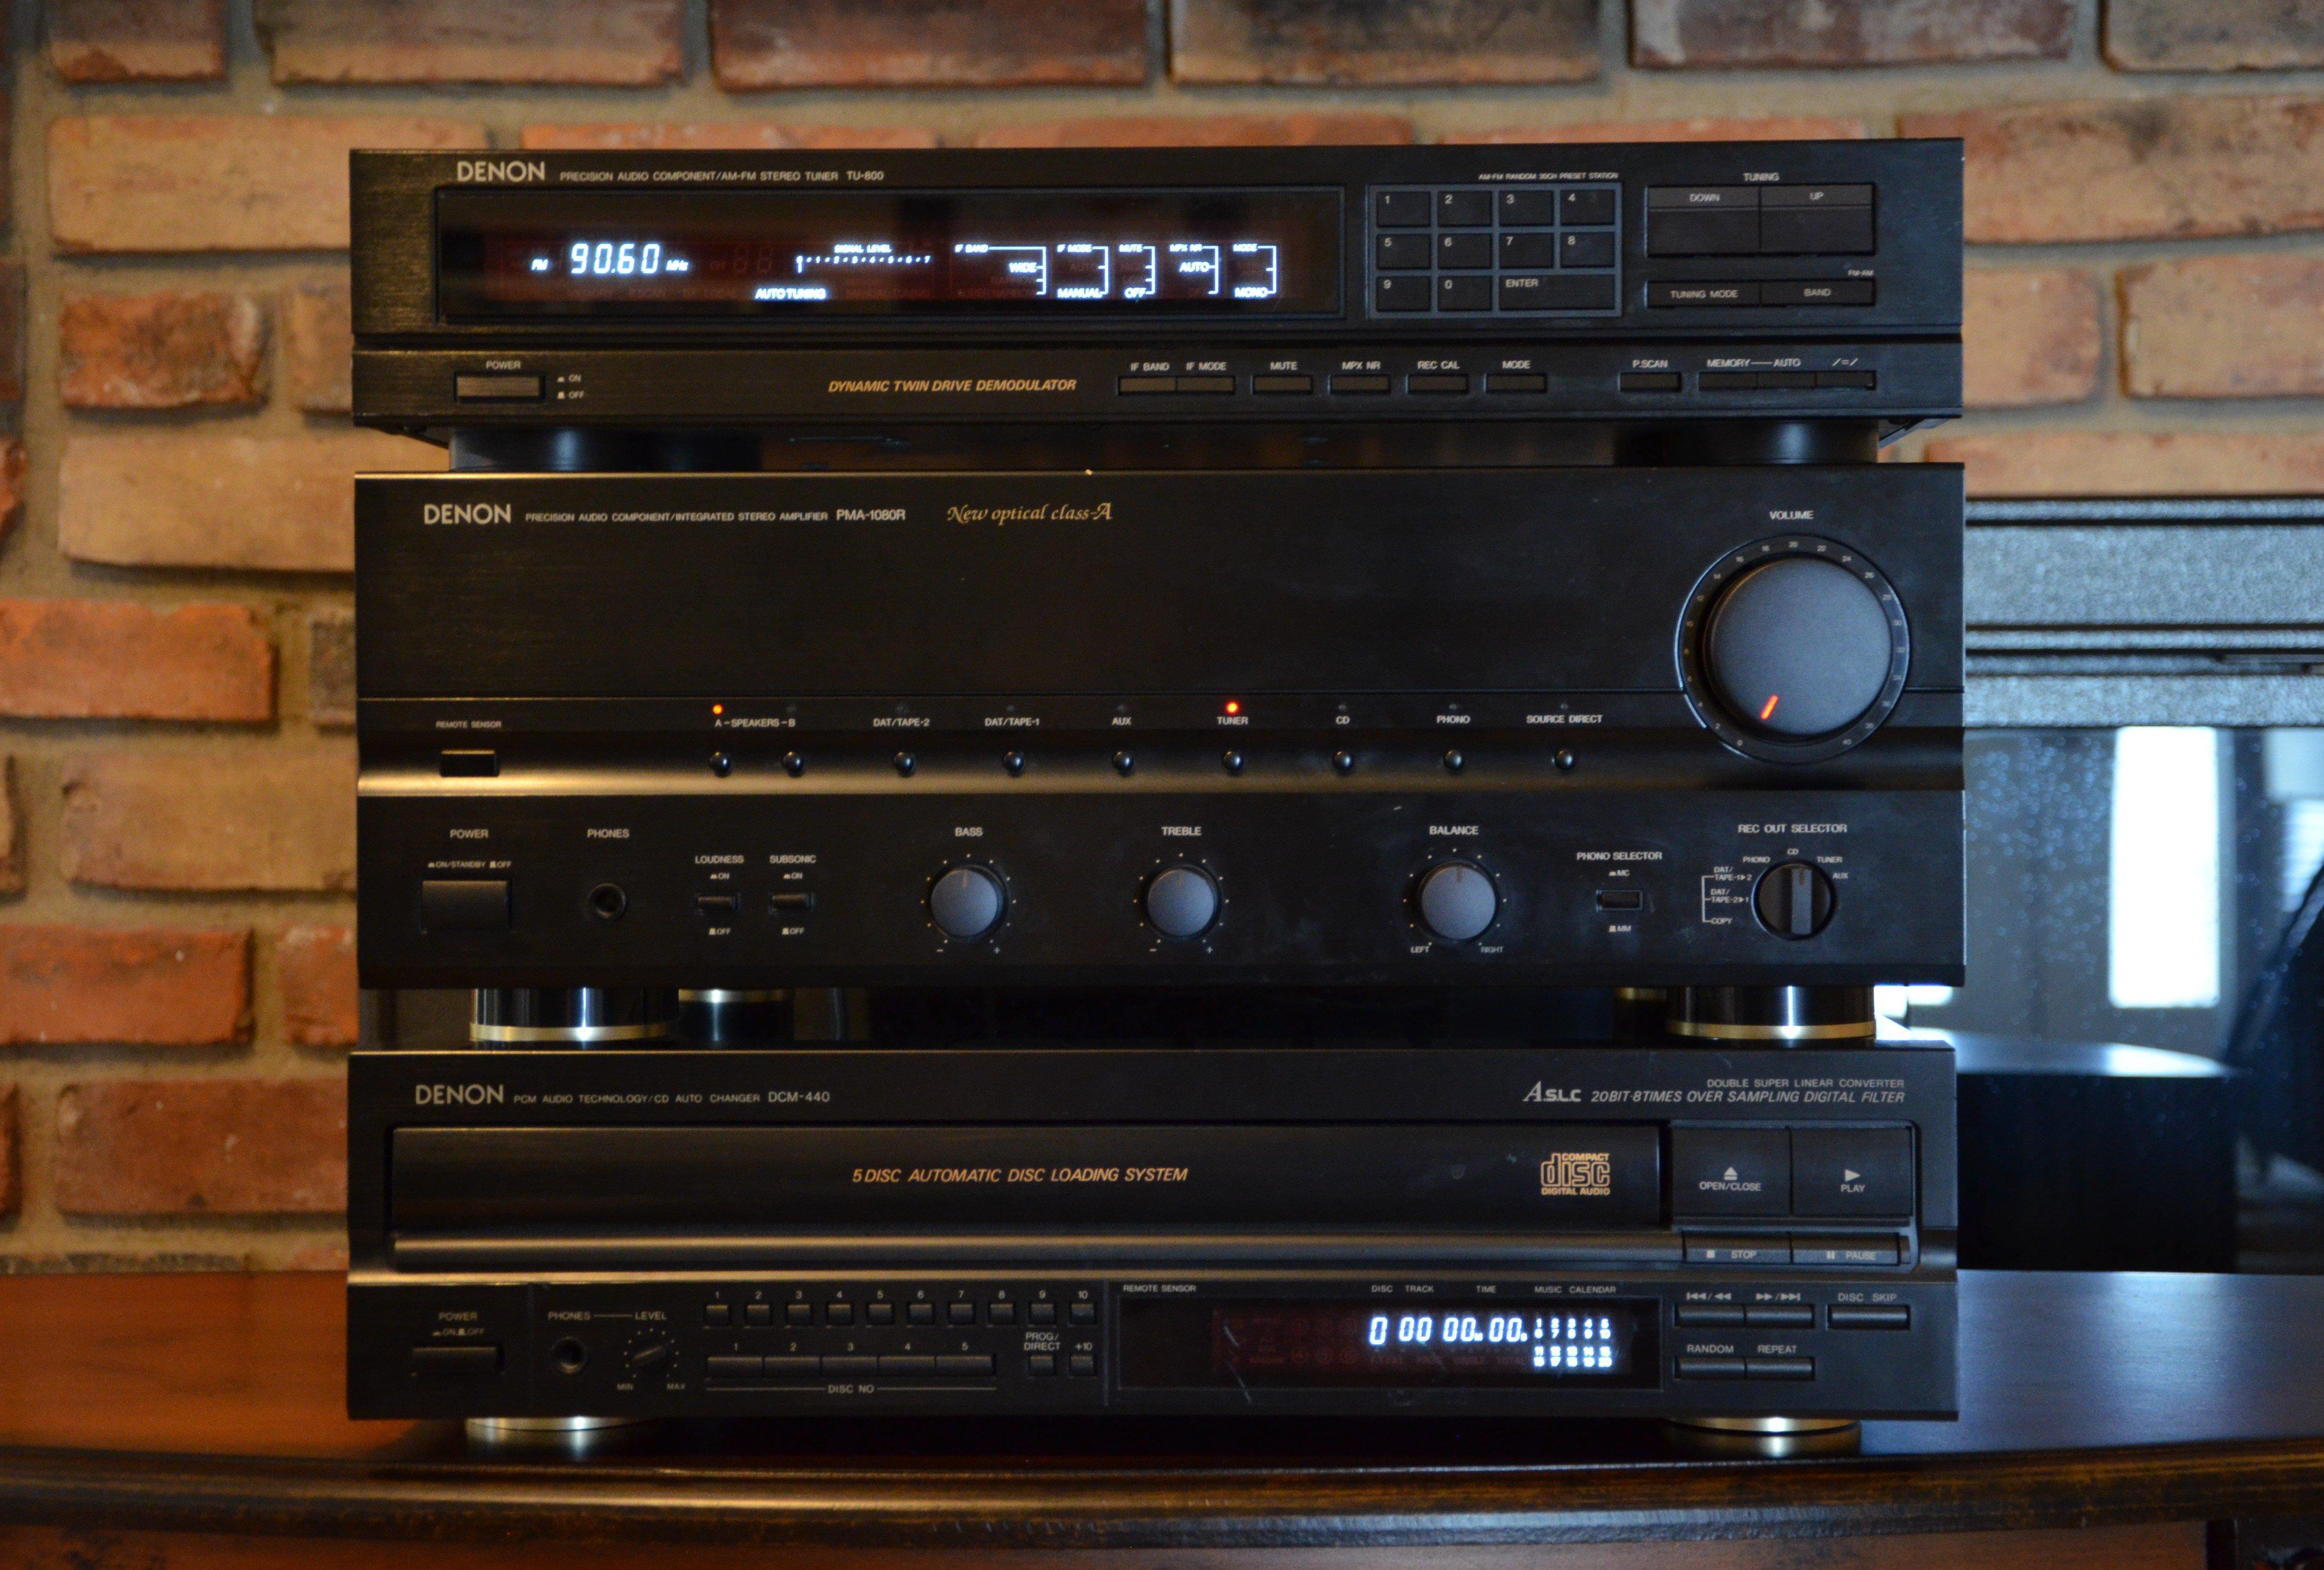 Denon Pma 1080r Tu 800 And Dcm 440 300 Garage Sale